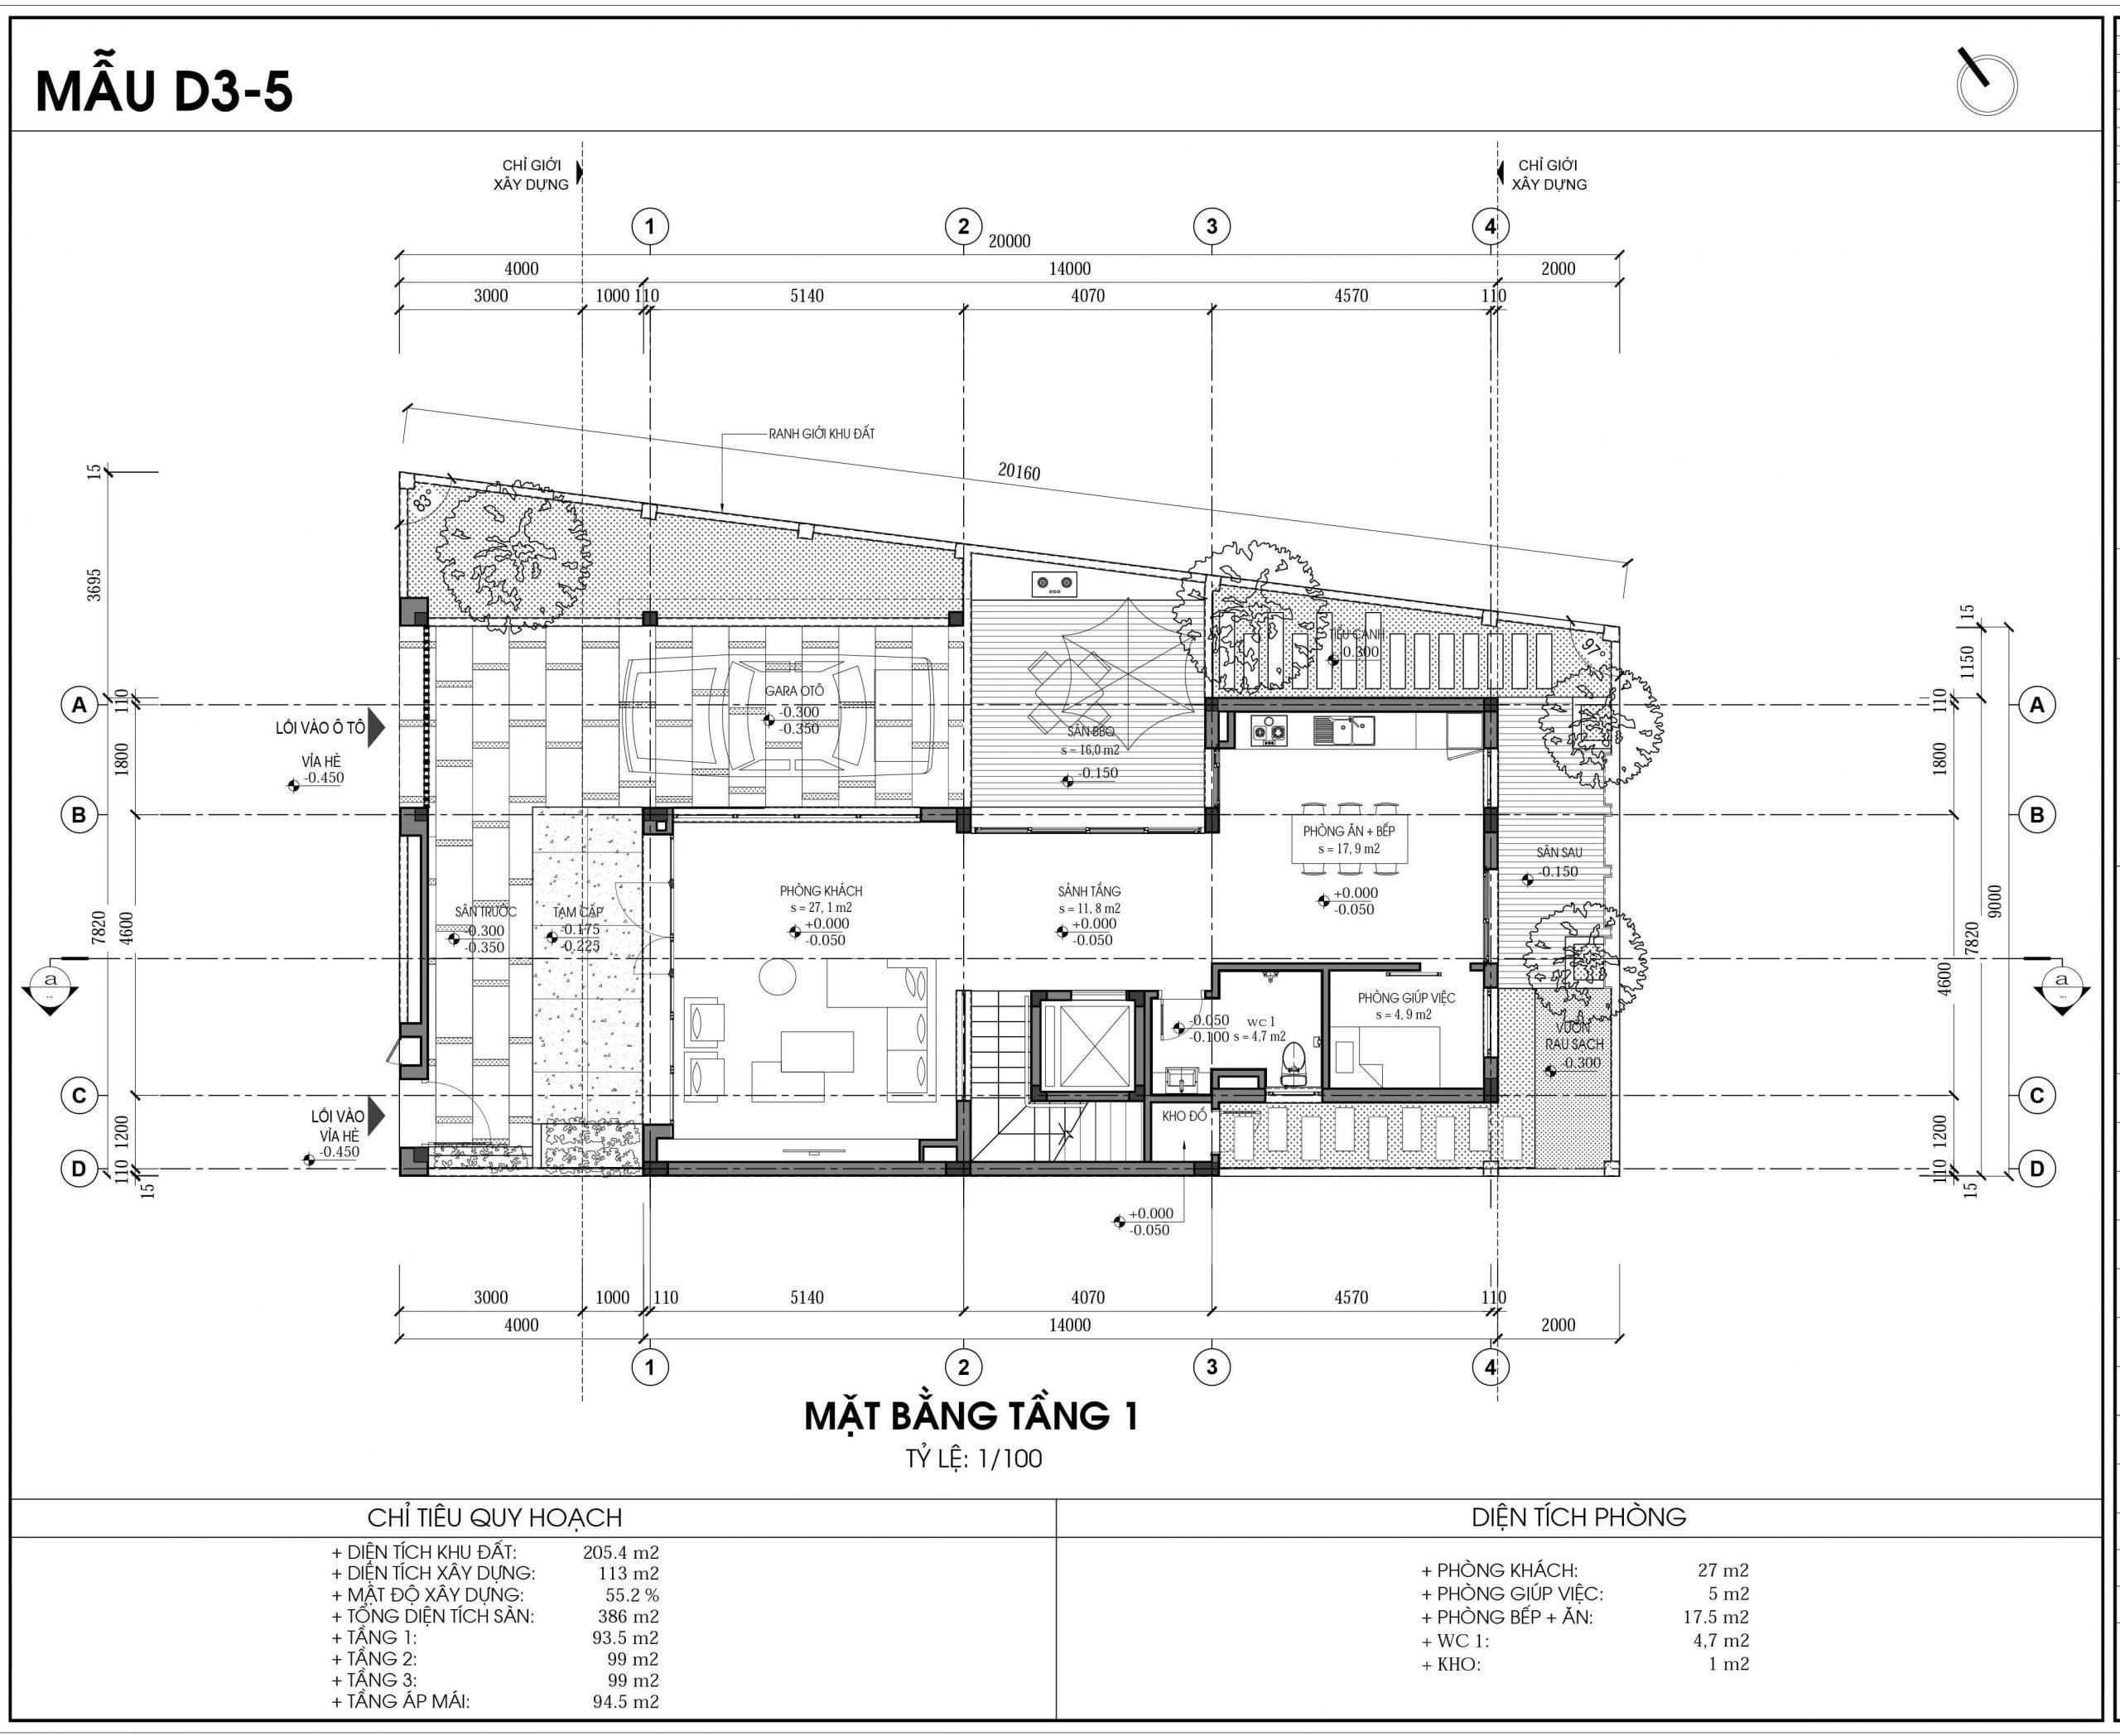 Thiết kế biệt thự An Vượng Villa mẫu D3-5 diện tích 205.4m2 tầng 1